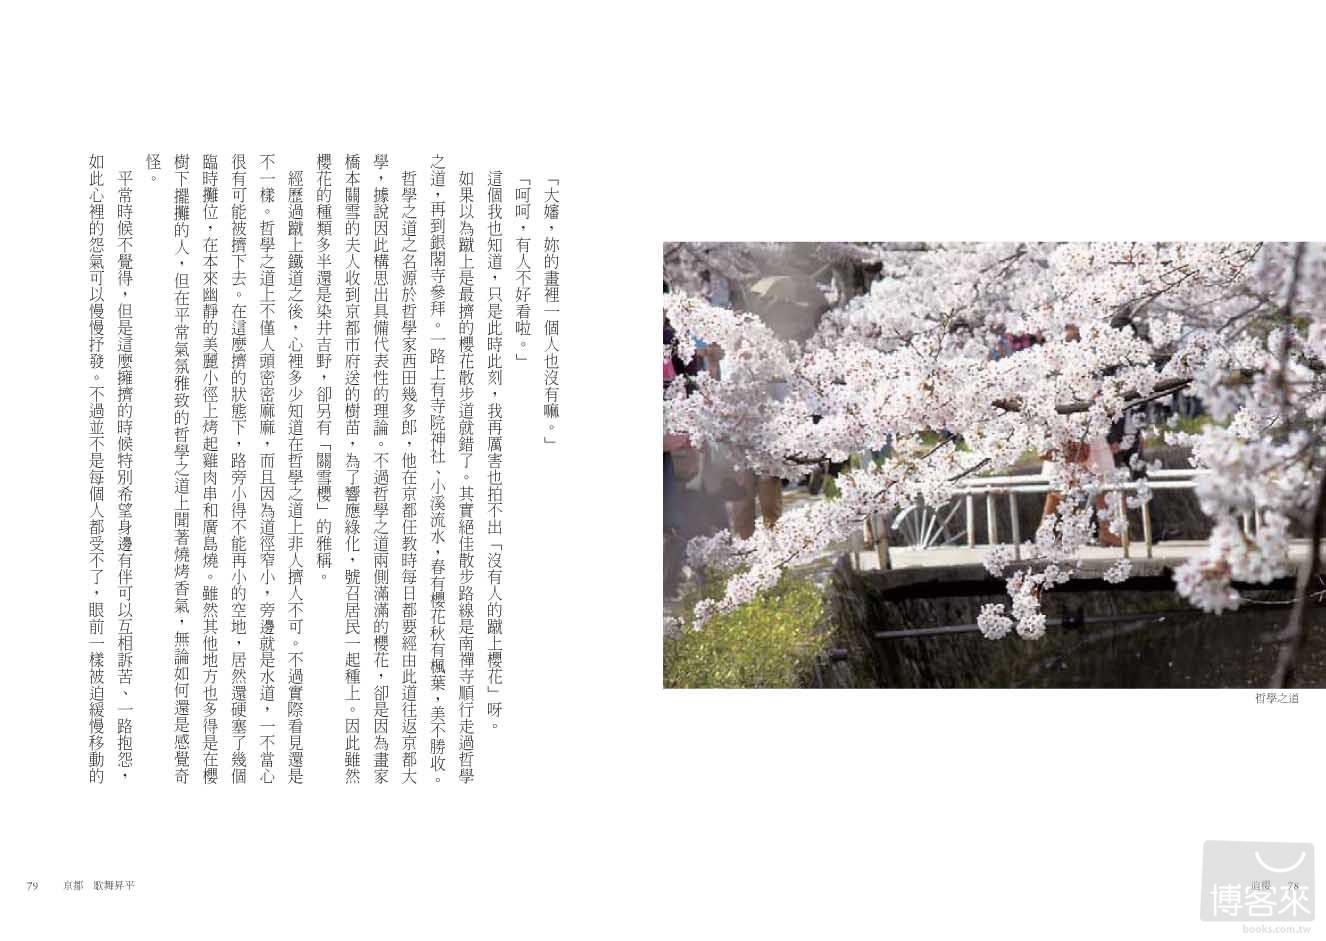 http://im2.book.com.tw/image/getImage?i=http://www.books.com.tw/img/001/057/41/0010574117_b_05.jpg&v=510a4853&w=655&h=609